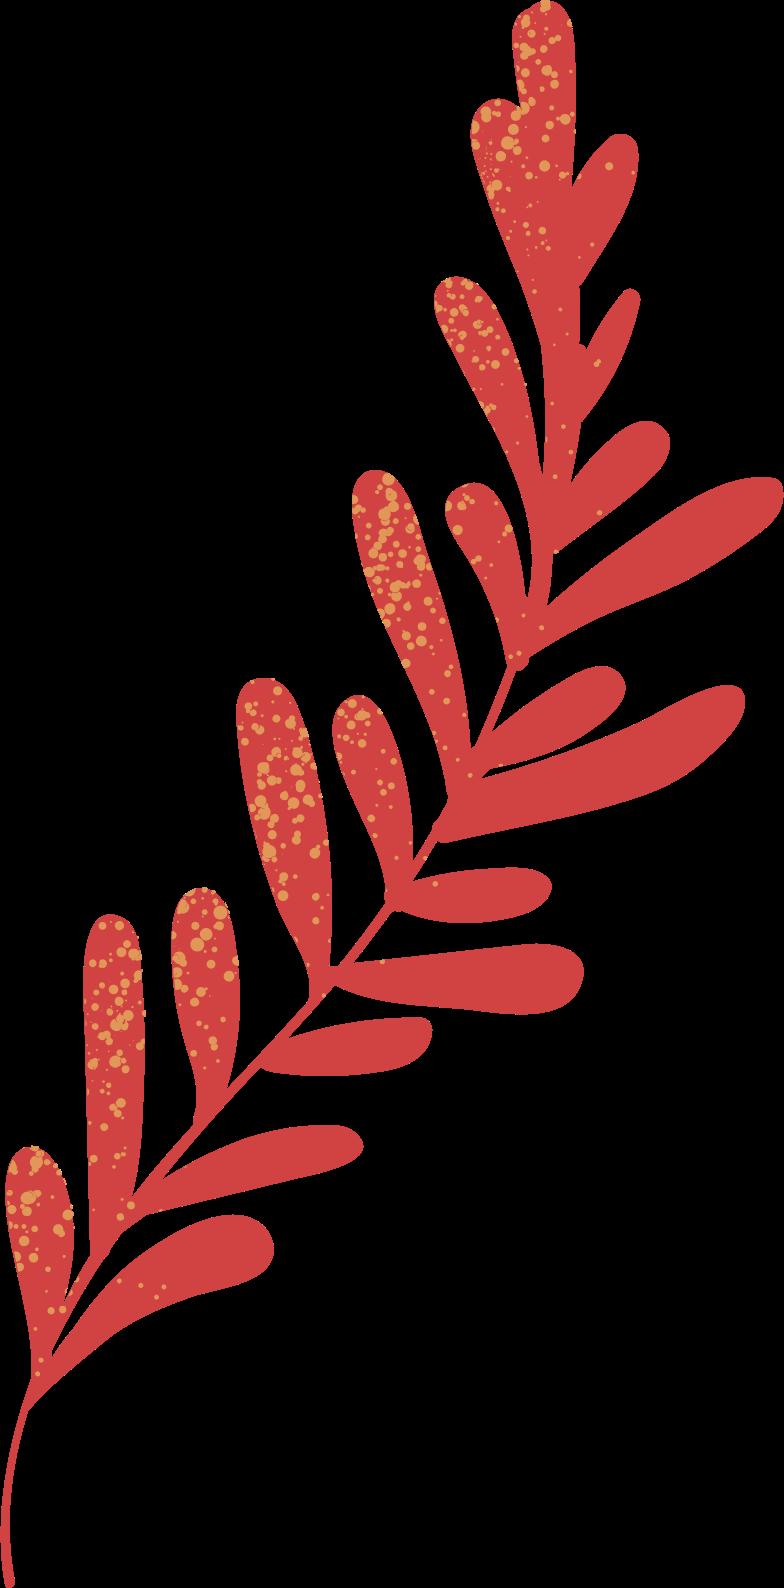 Pianta Illustrazione clipart in PNG, SVG